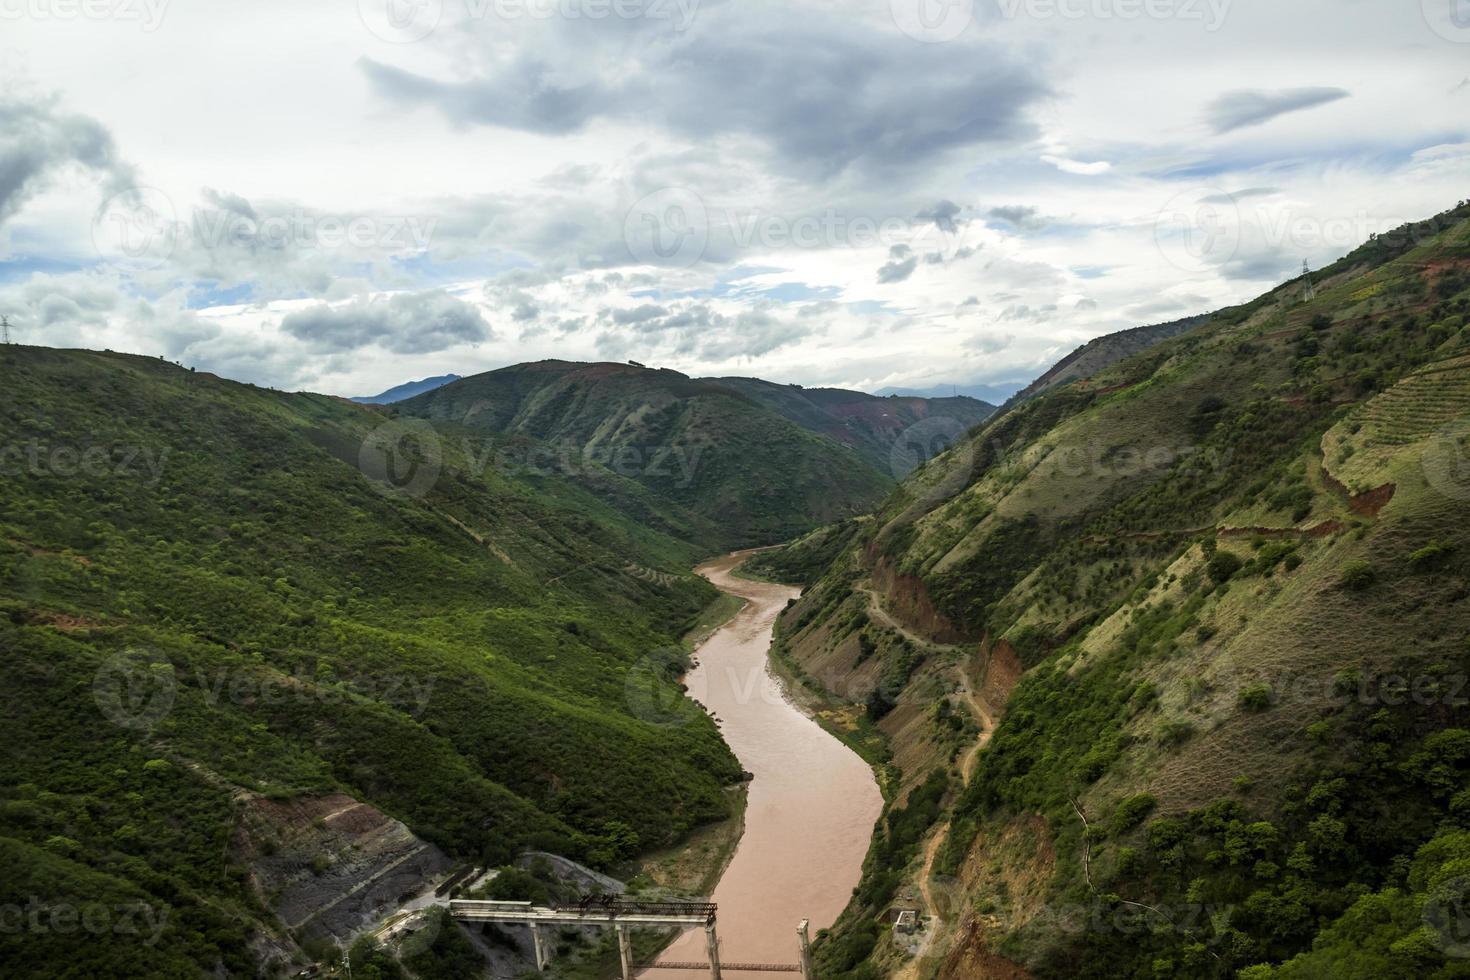 paysage du yunnan chinois photo